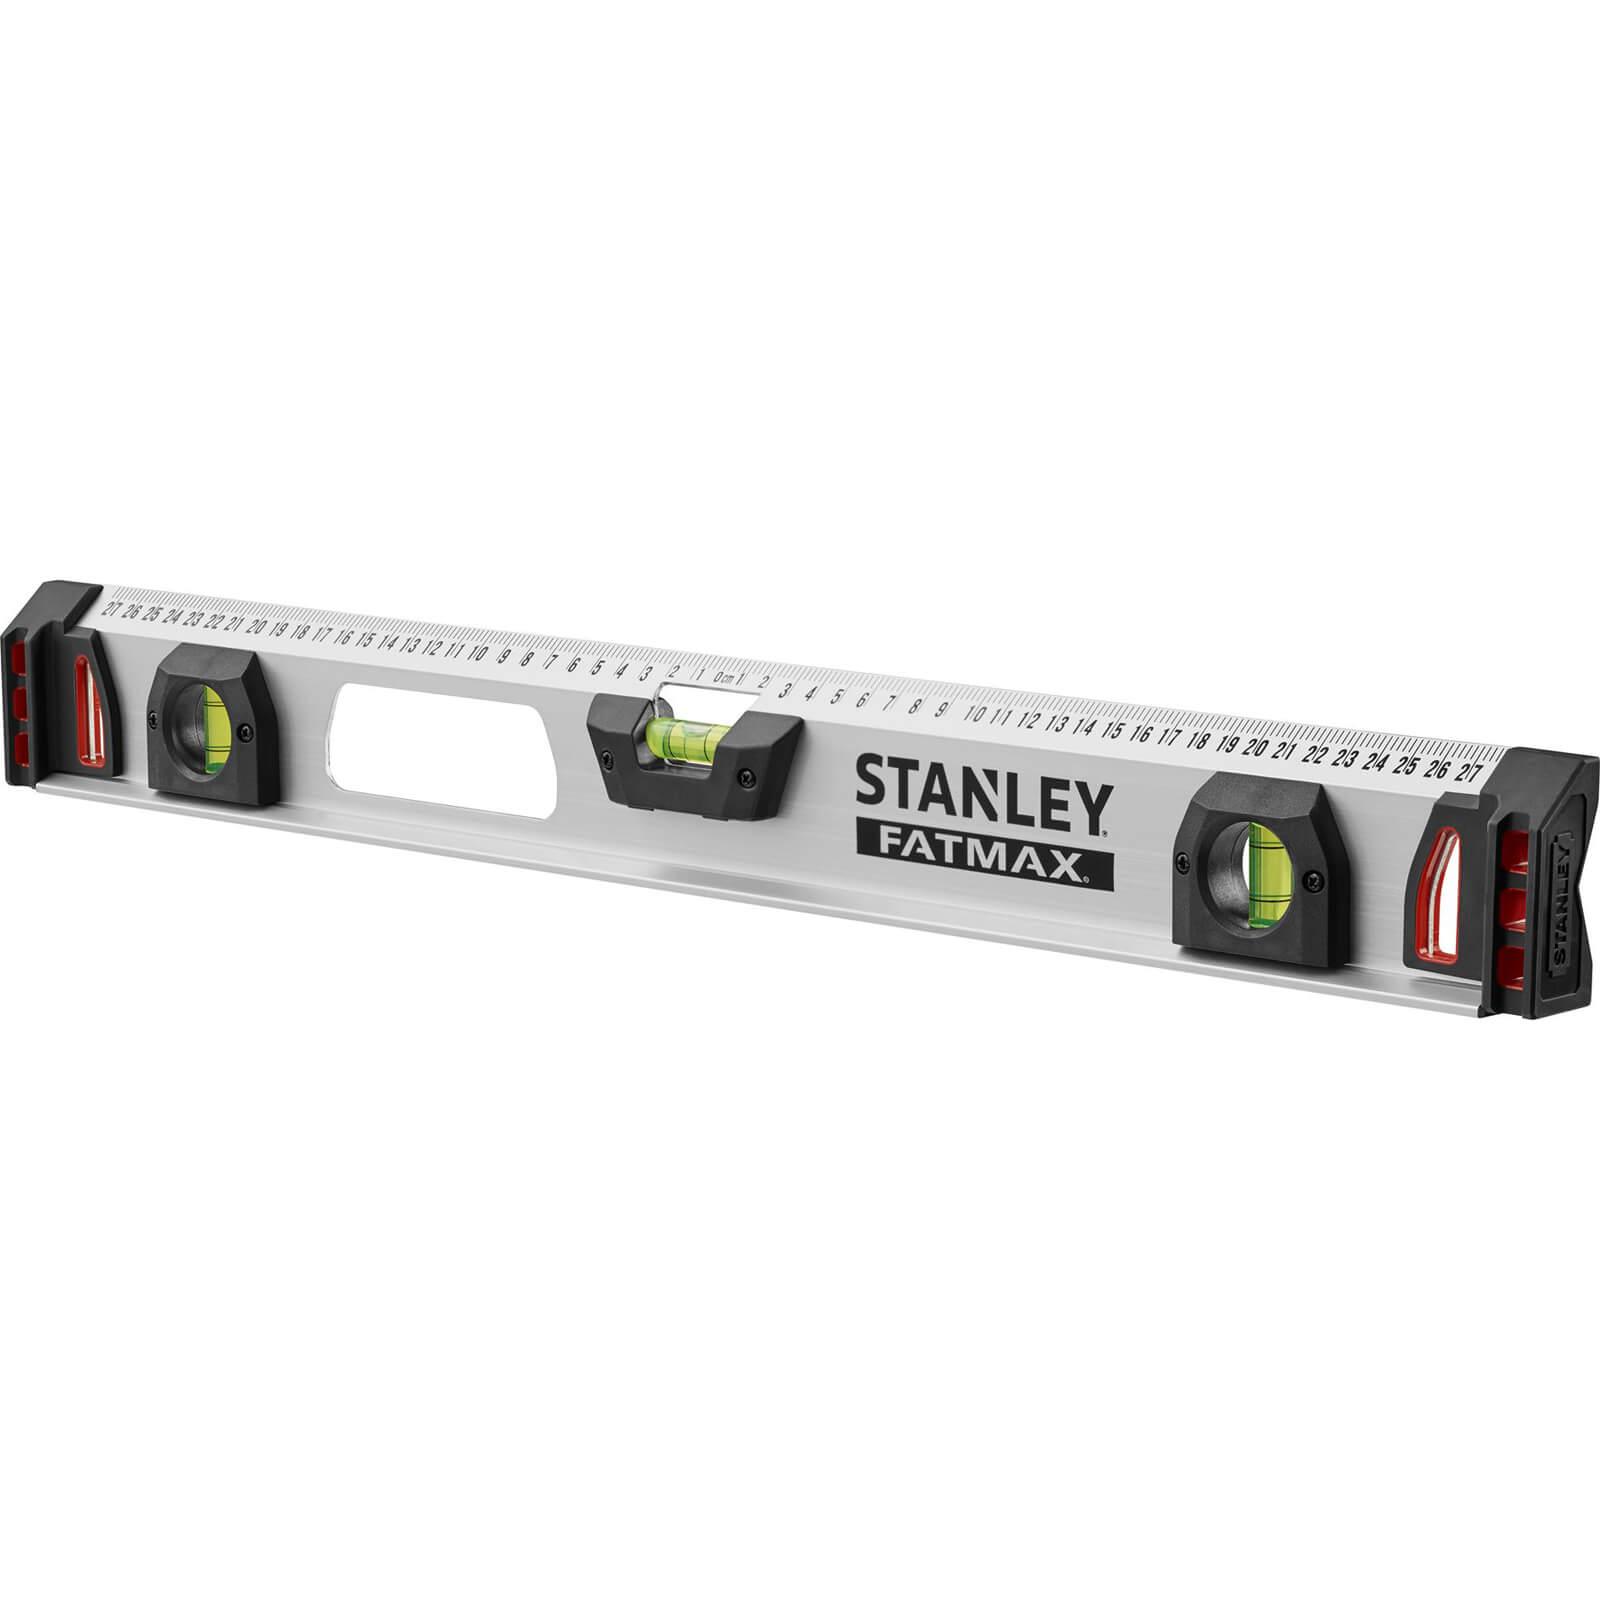 stanley fatmax magnetic i beam spirit level 48 120cm. Black Bedroom Furniture Sets. Home Design Ideas